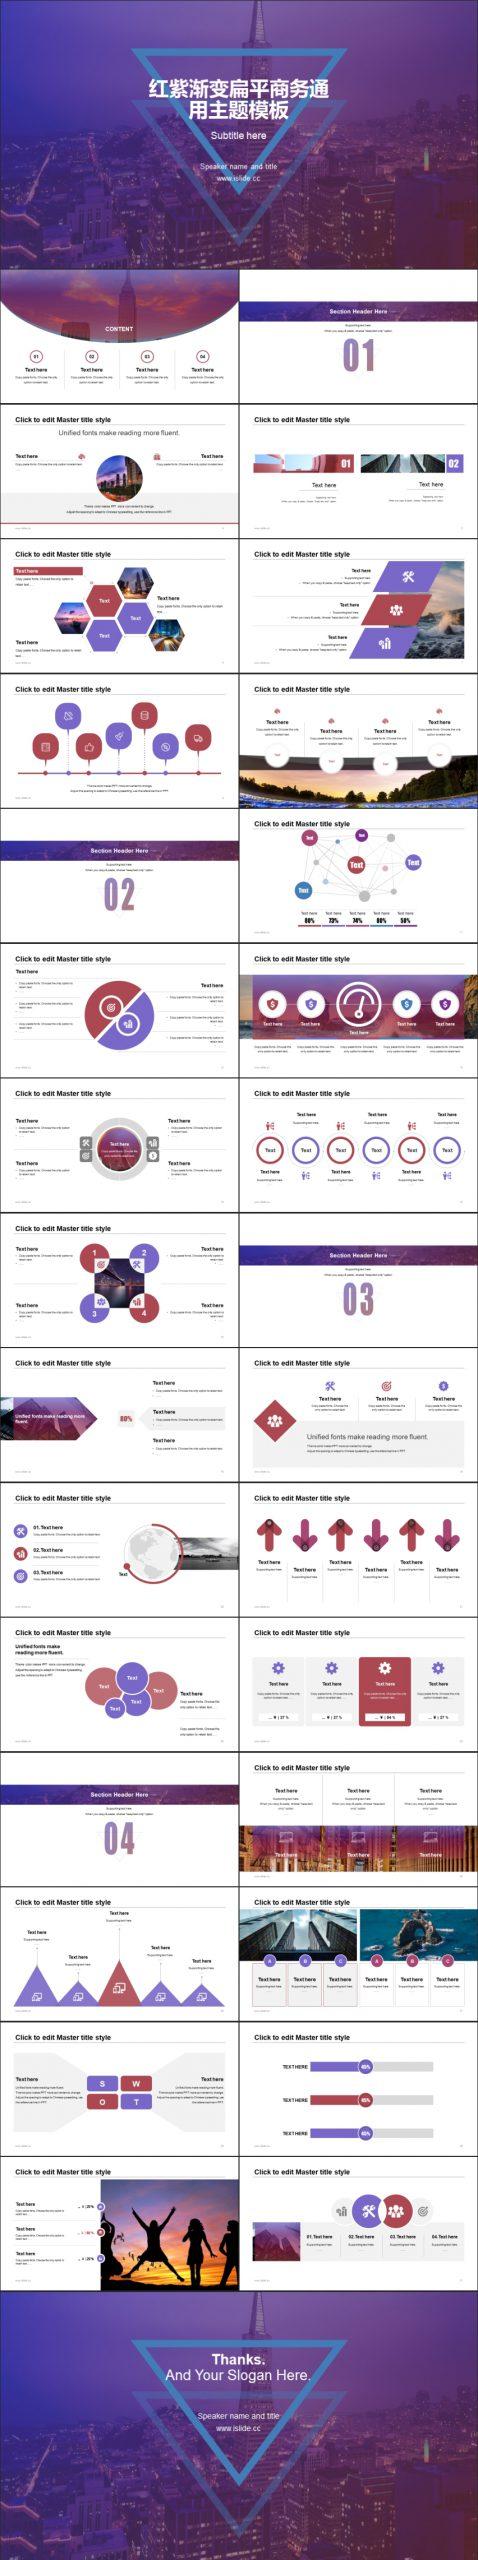 红紫渐变扁平时尚商务通用主题PPT模板下载_预览图2